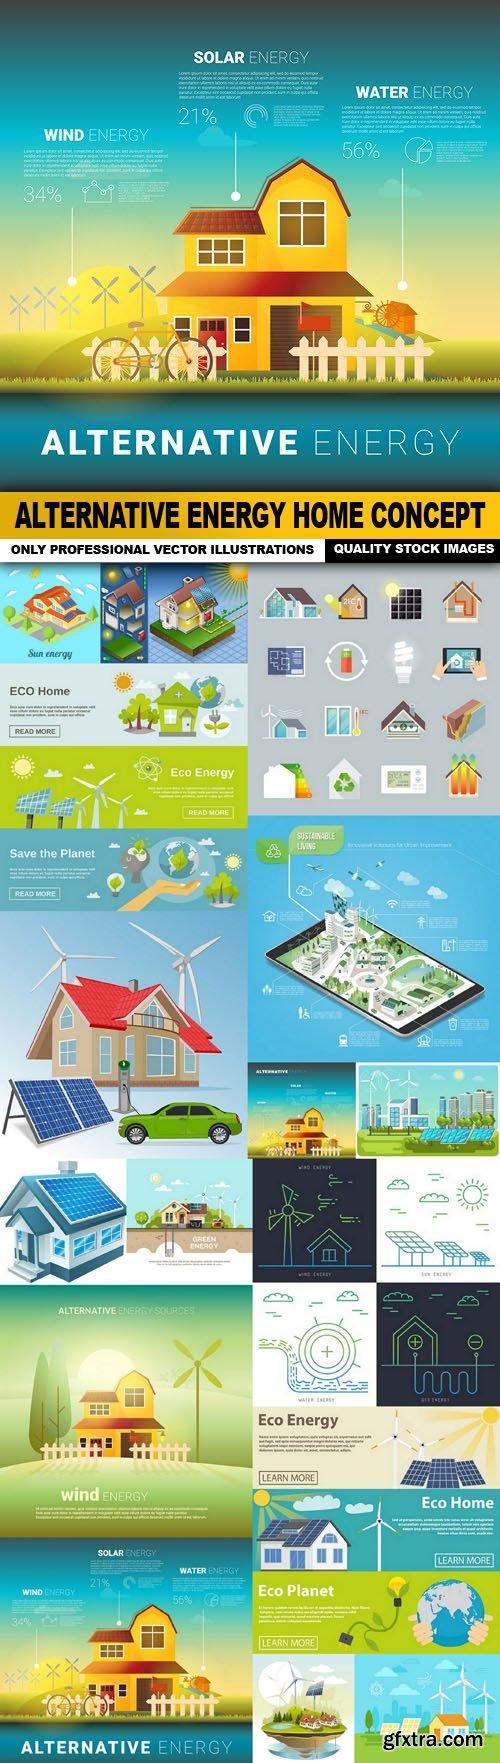 Alternative Energy Home Concept - 16 Vector